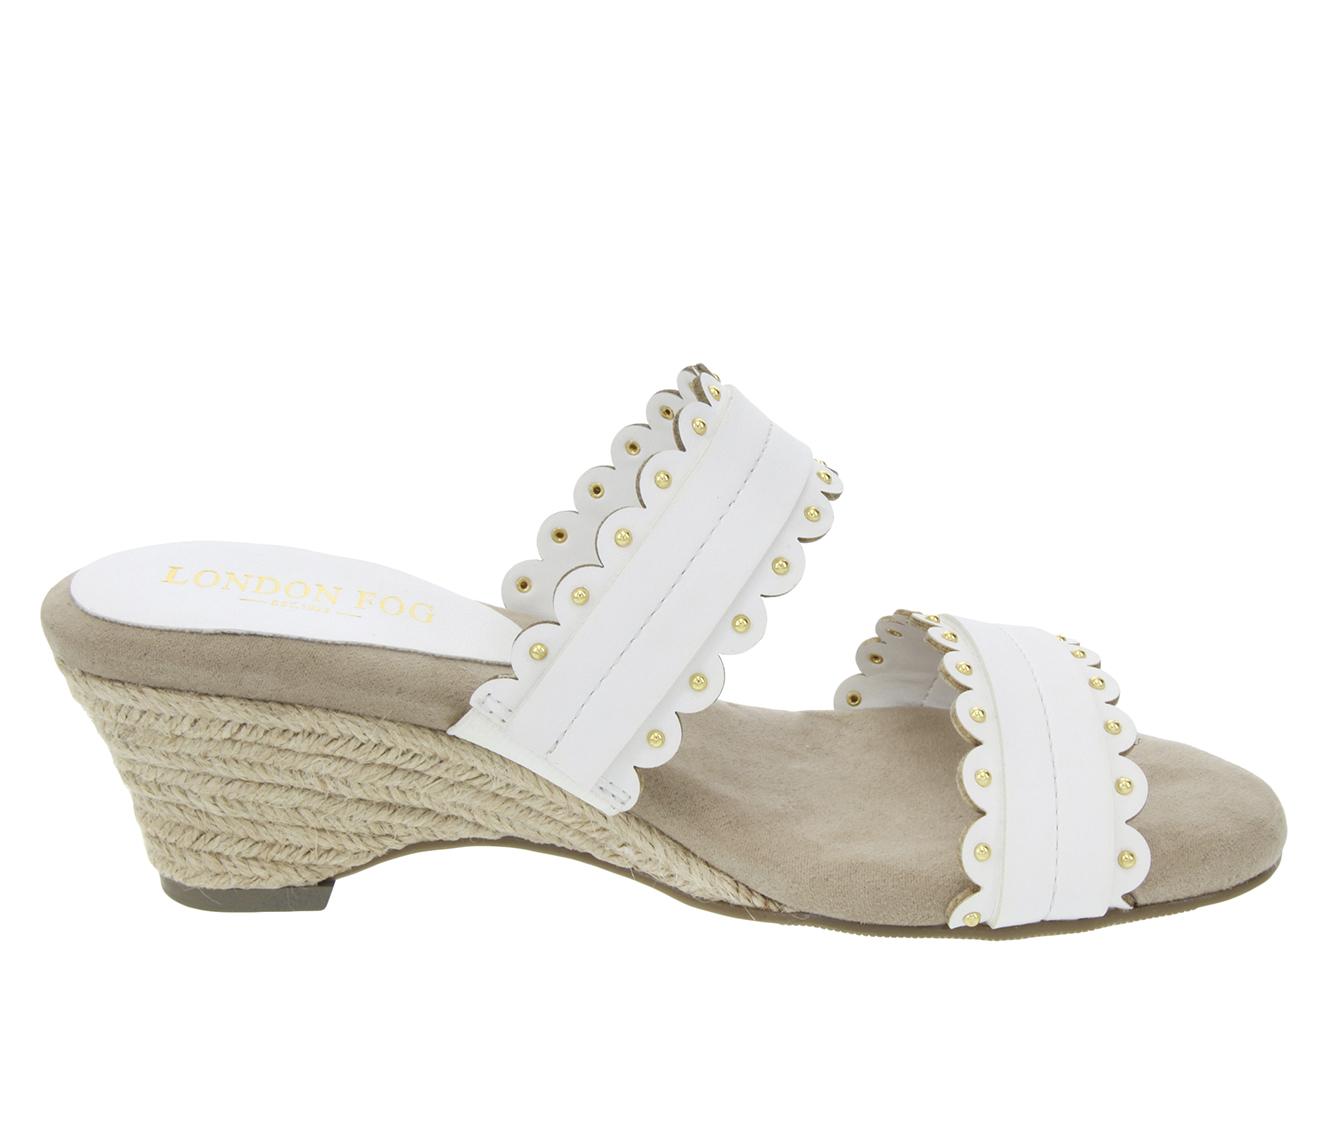 London Fog Kay Women's Sandal (White Faux Leather)